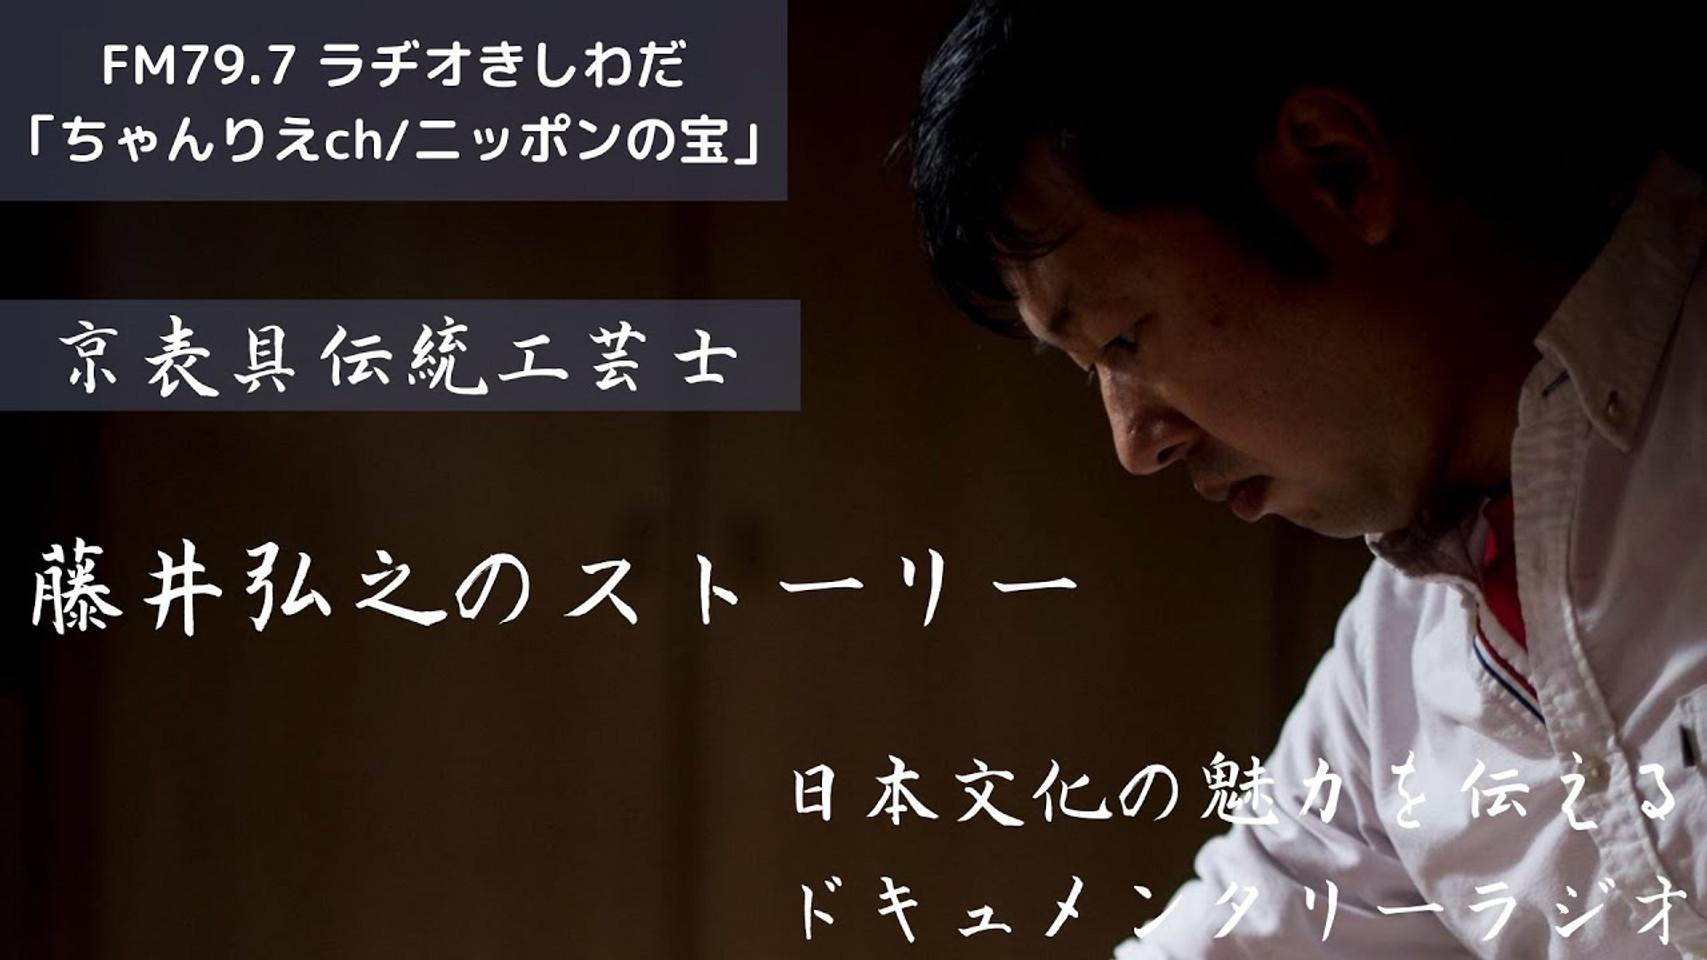 ラジオ&YouTube『ちゃんりえch / ニッポンの宝』